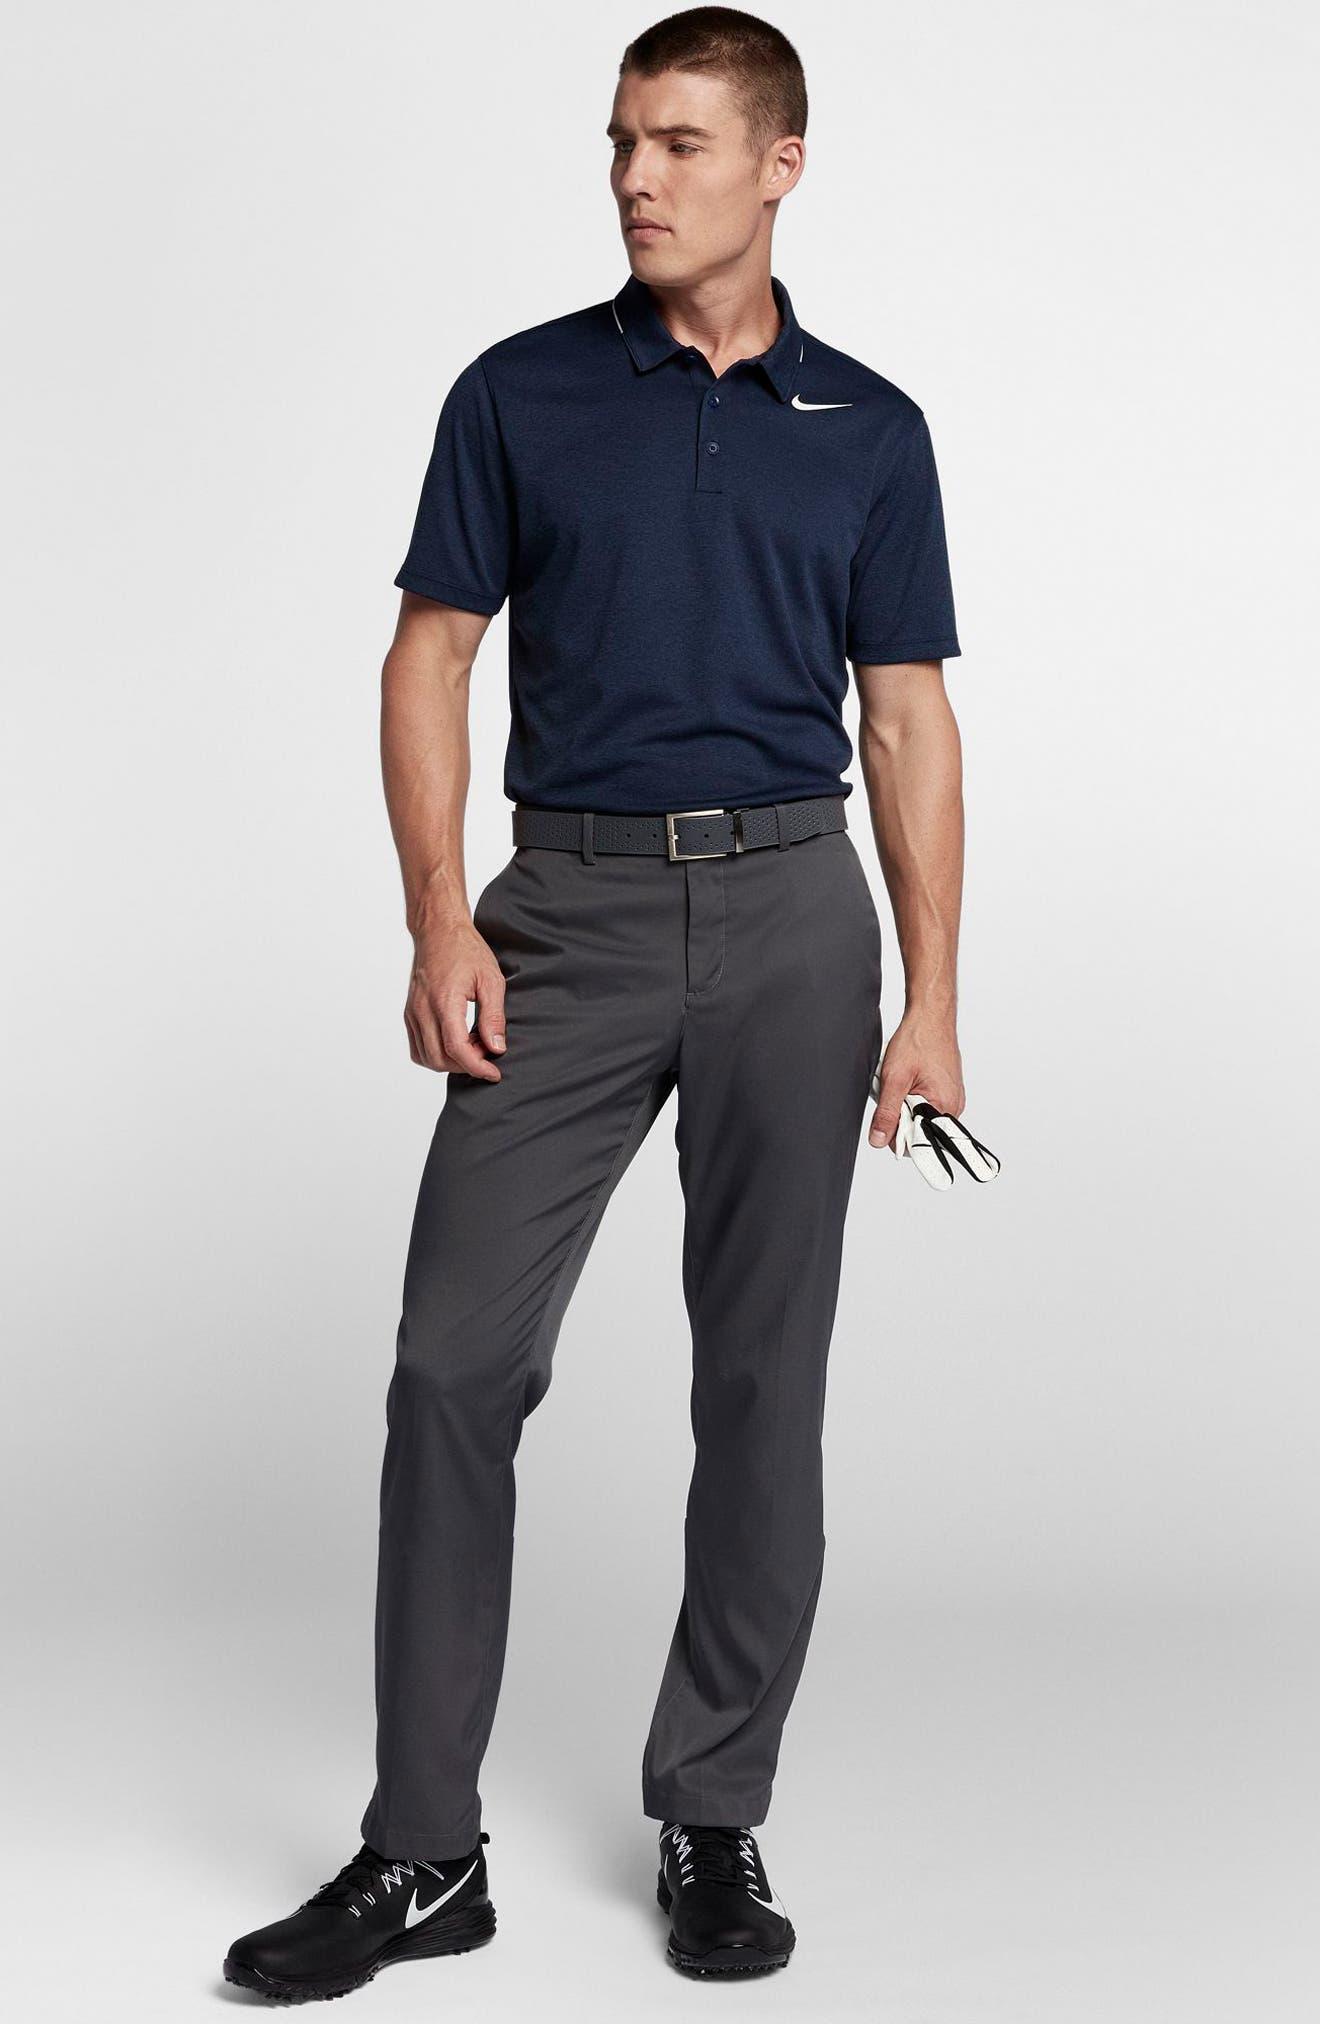 Flat Front Dri-FIT Tech Golf Pants,                             Alternate thumbnail 55, color,